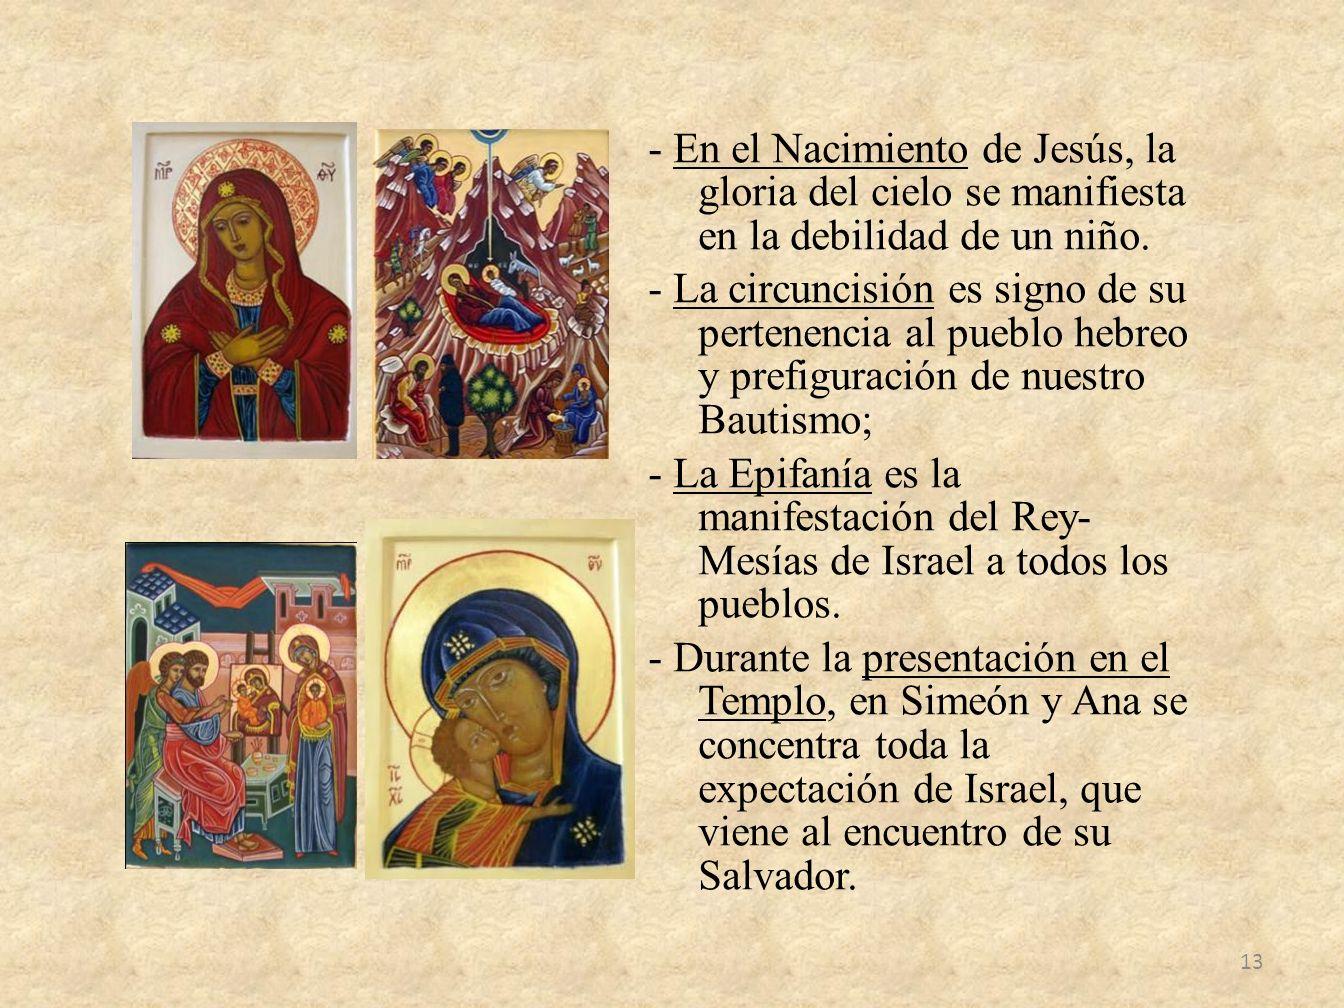 - En el Nacimiento de Jesús, la gloria del cielo se manifiesta en la debilidad de un niño. - La circuncisión es signo de su pertenencia al pueblo hebr